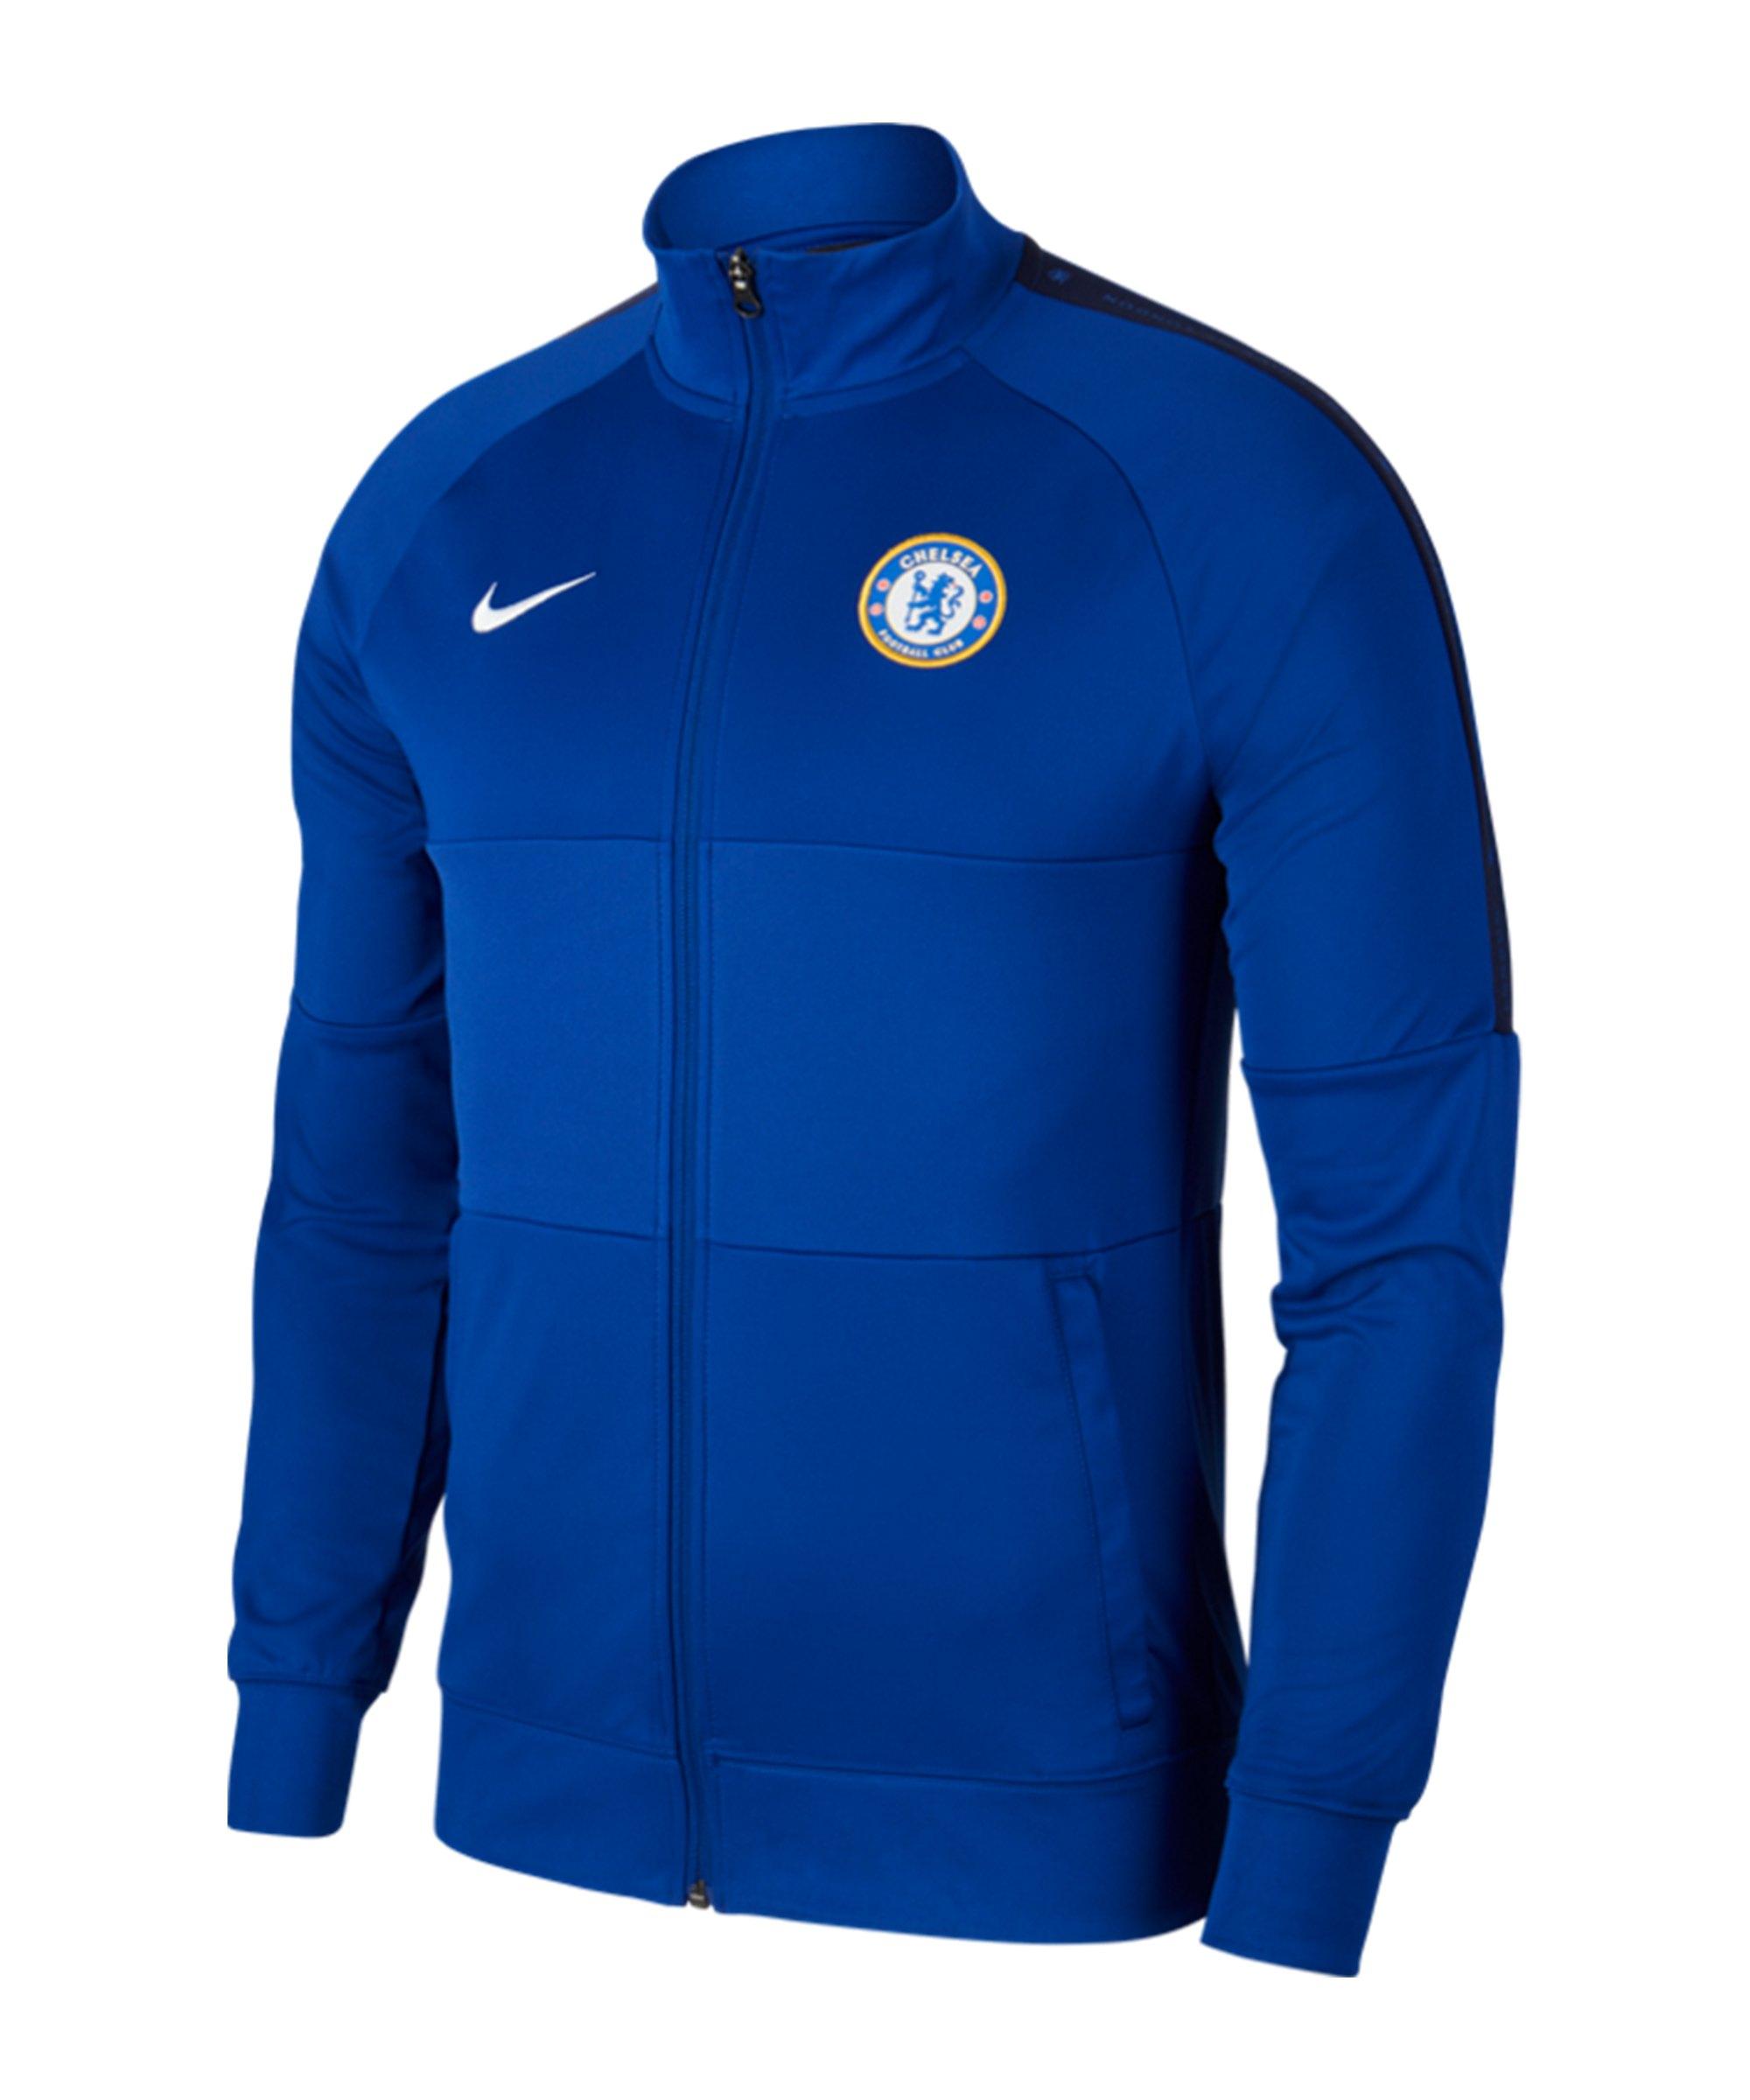 Nike FC Chelsea London I96 Trainingsjacke F495 - blau